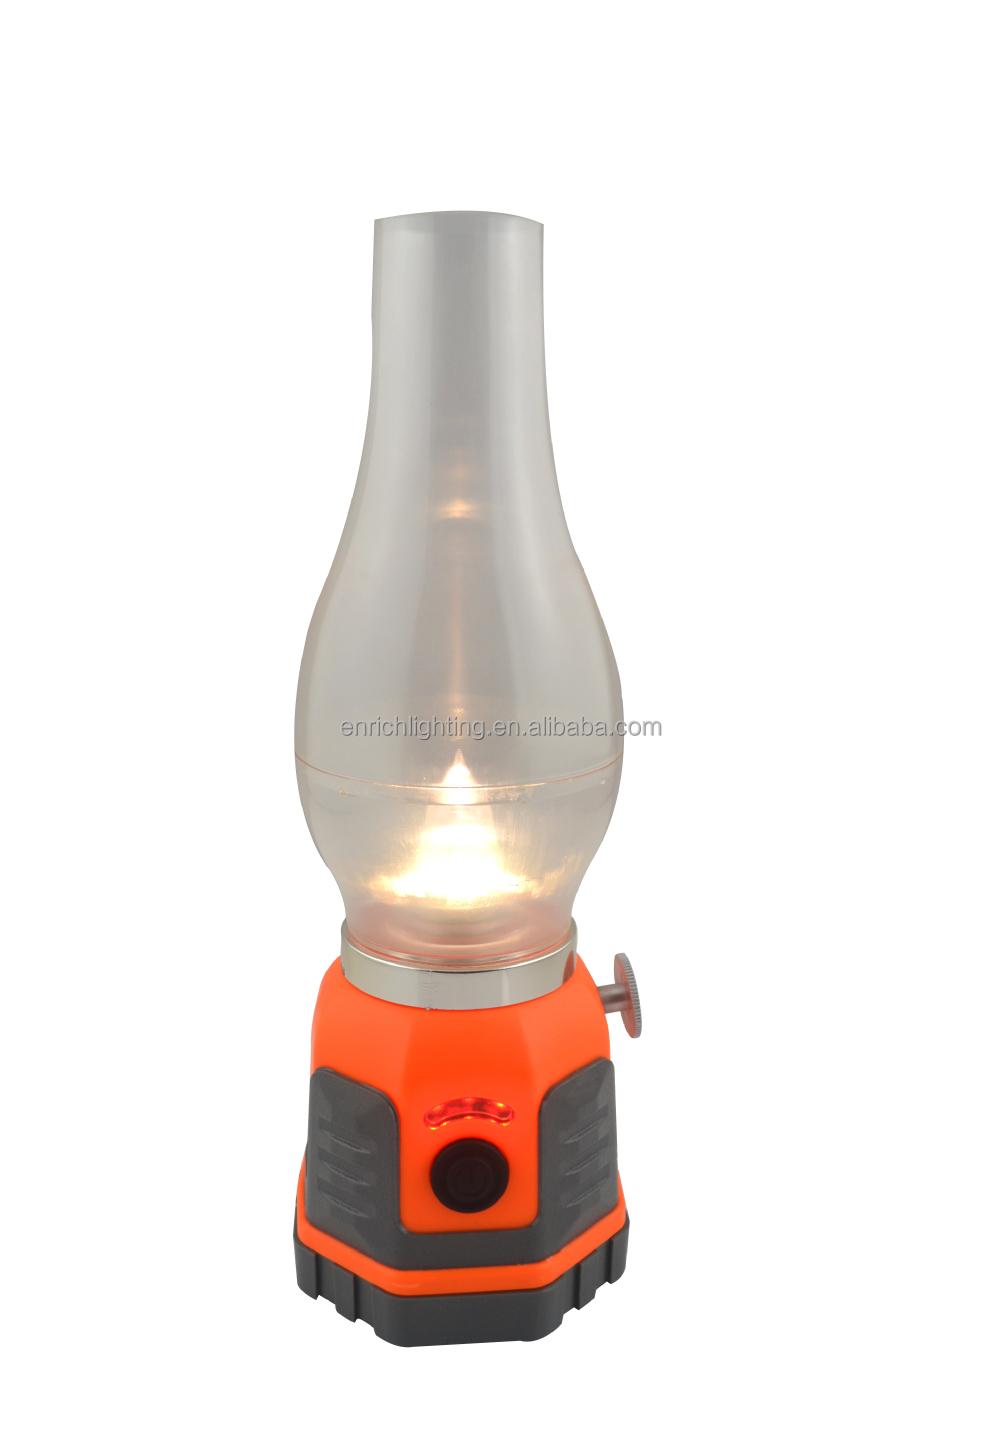 Led lampe à pétrole suspendus lampes à huile à lhuile moderne lampes à pétrole